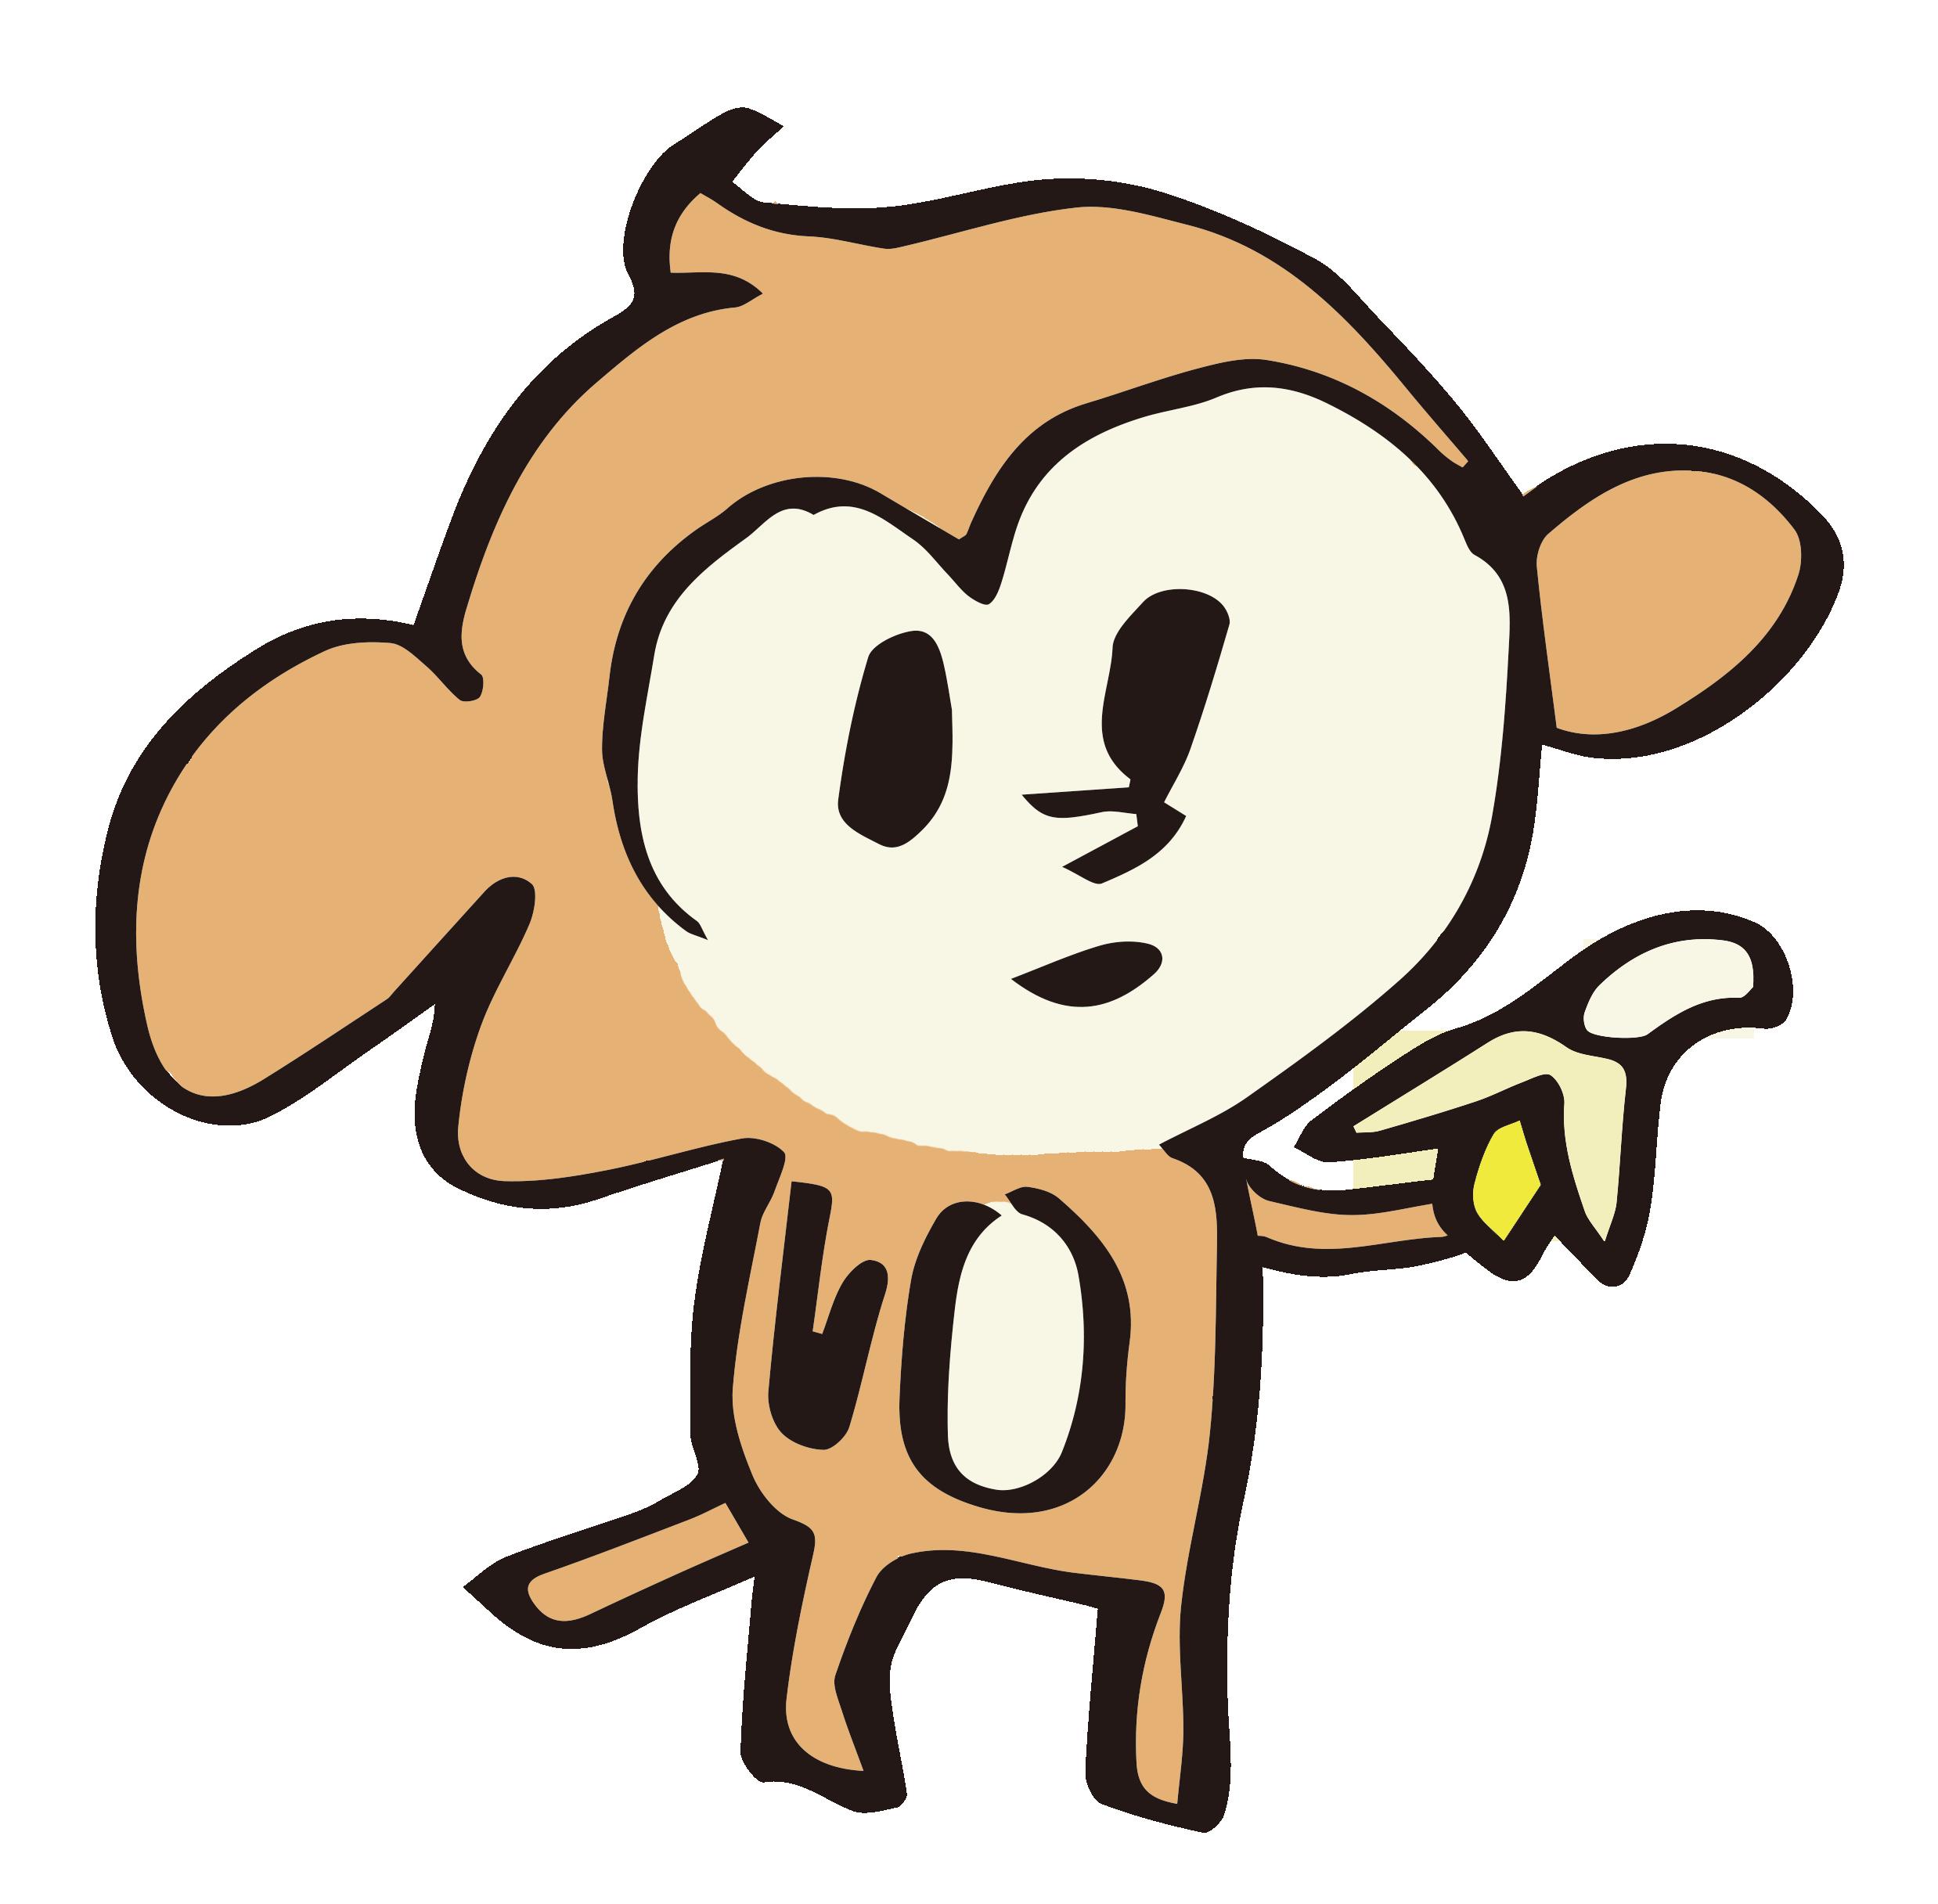 バナナを持つ猿のイラスト ゆるくてかわいい無料イラスト素材屋 ぴよたそ